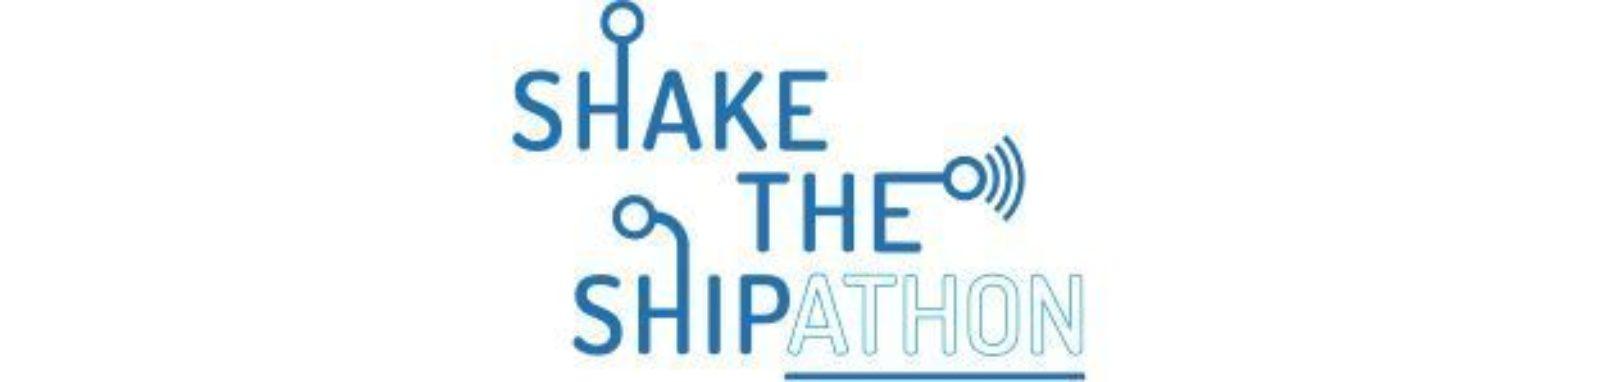 Nmt shake the shipathon logo